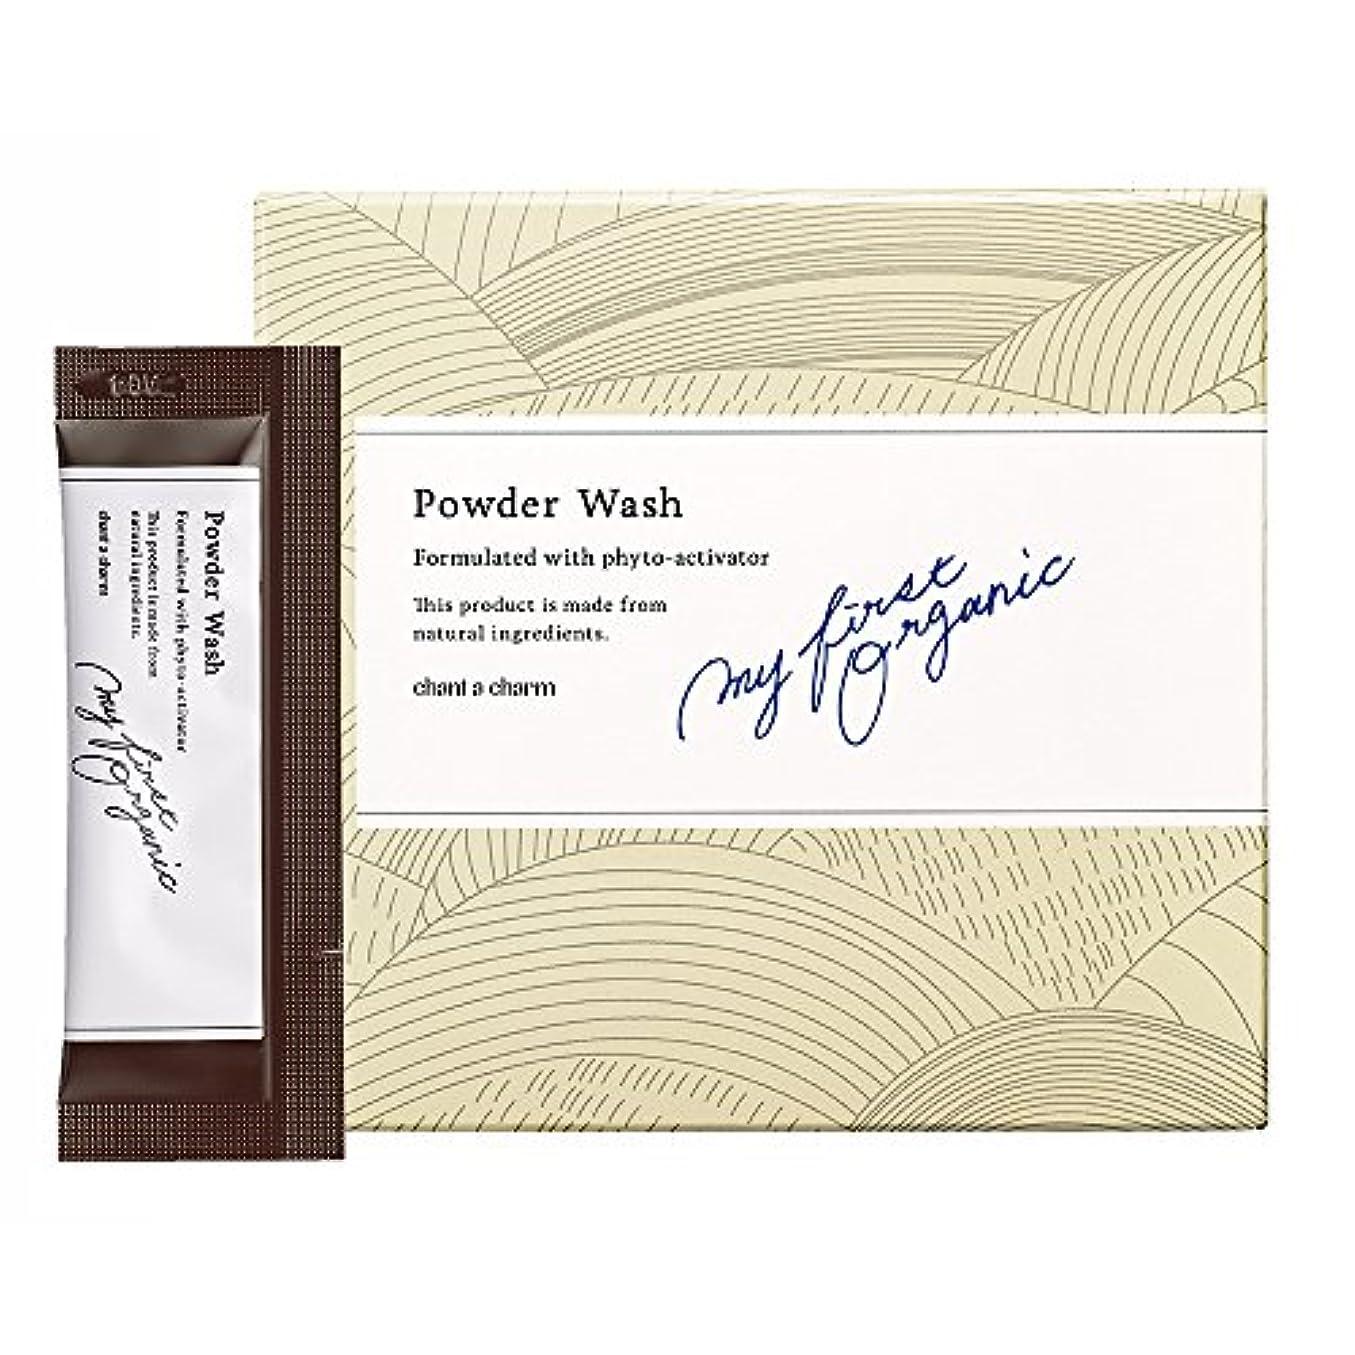 オリエンテーションスパーククリップチャントアチャーム パウダーウォッシュ ニキビ肌用酵素洗顔 医薬部外品